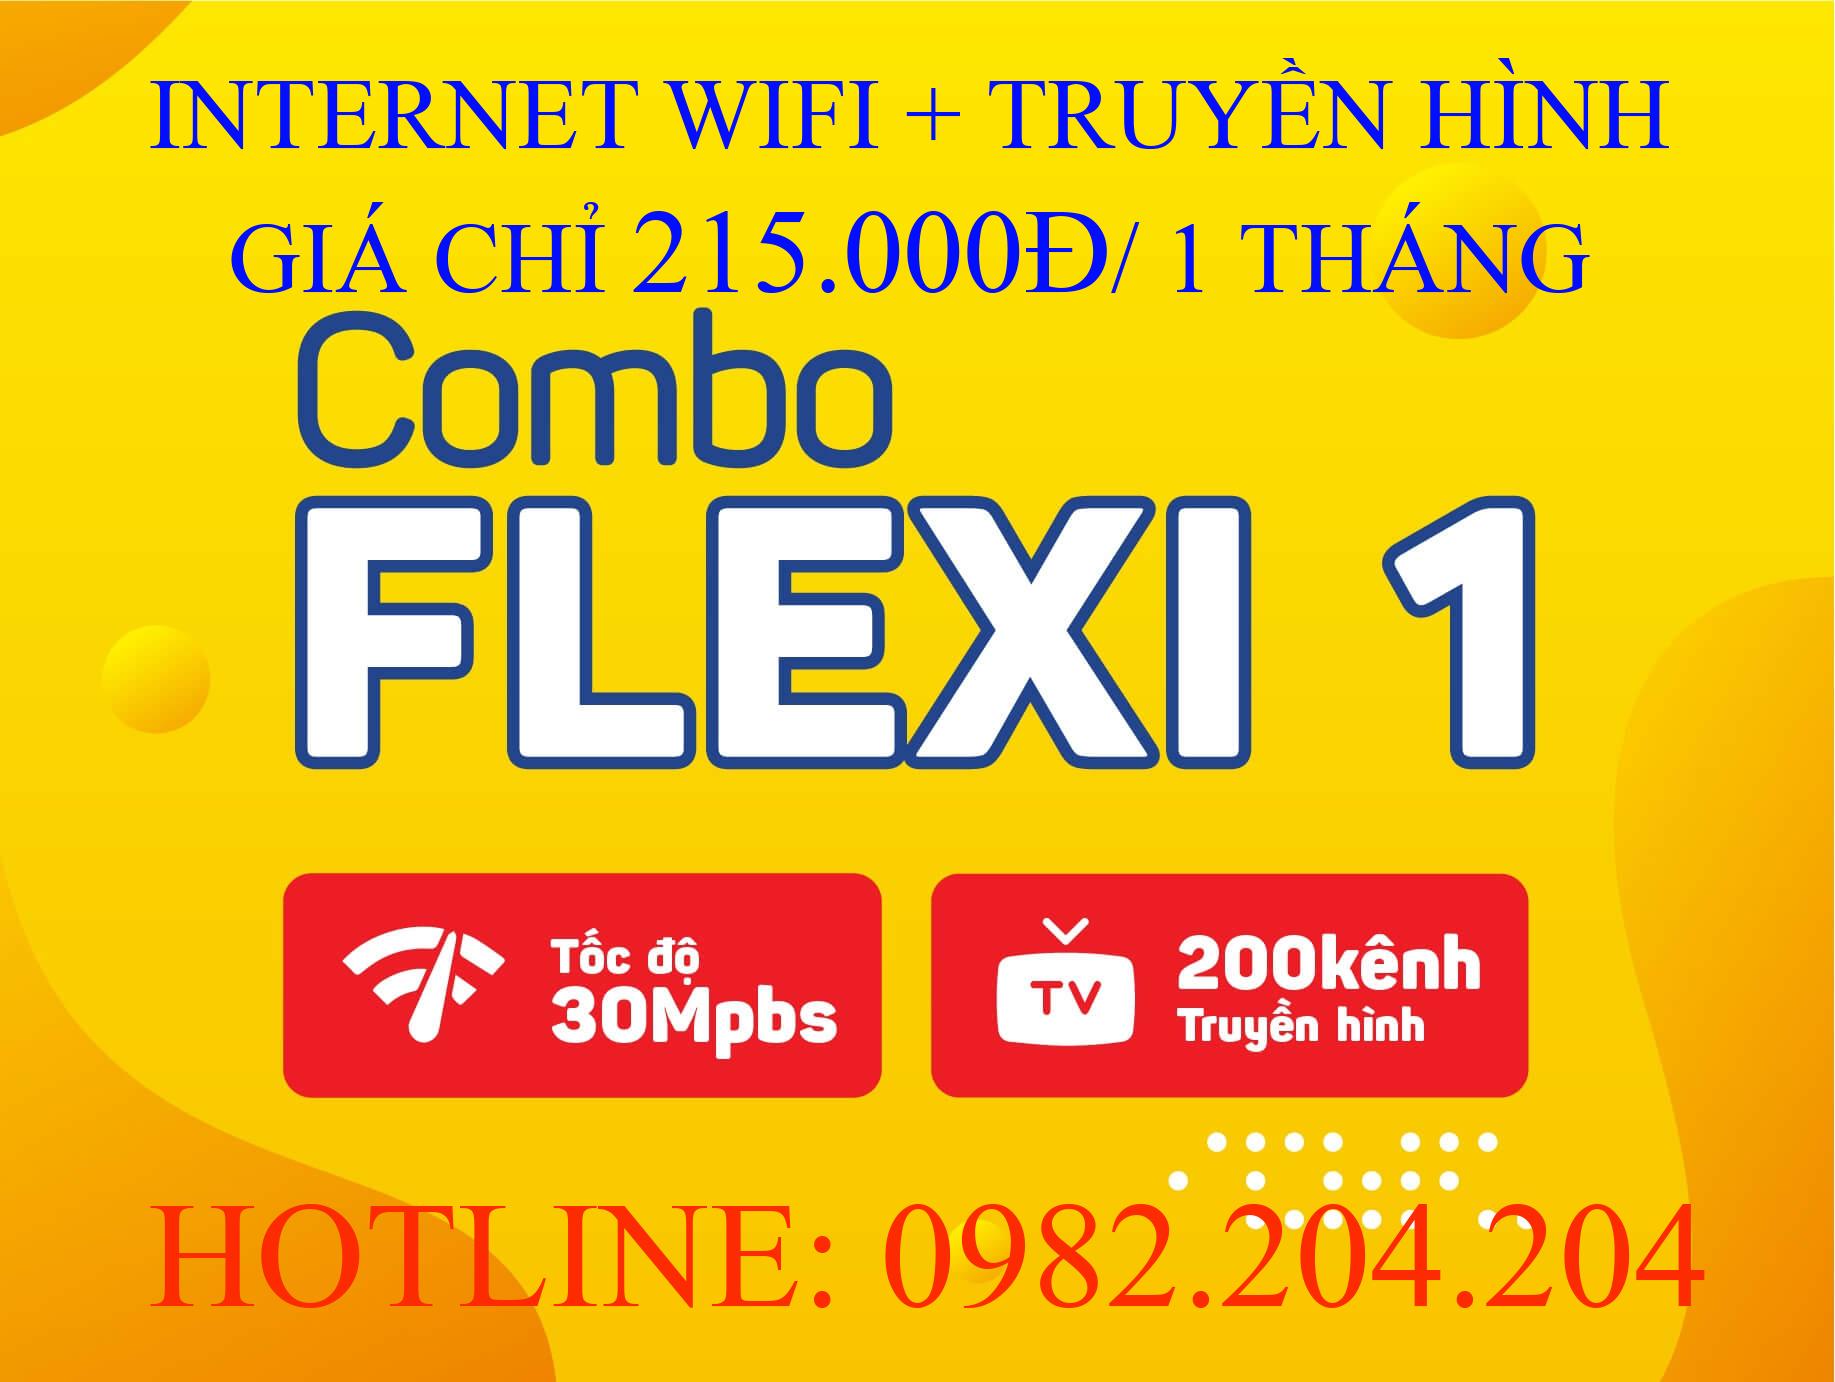 Lắp đặt internet Viettel và truyền hình combo flexi 1